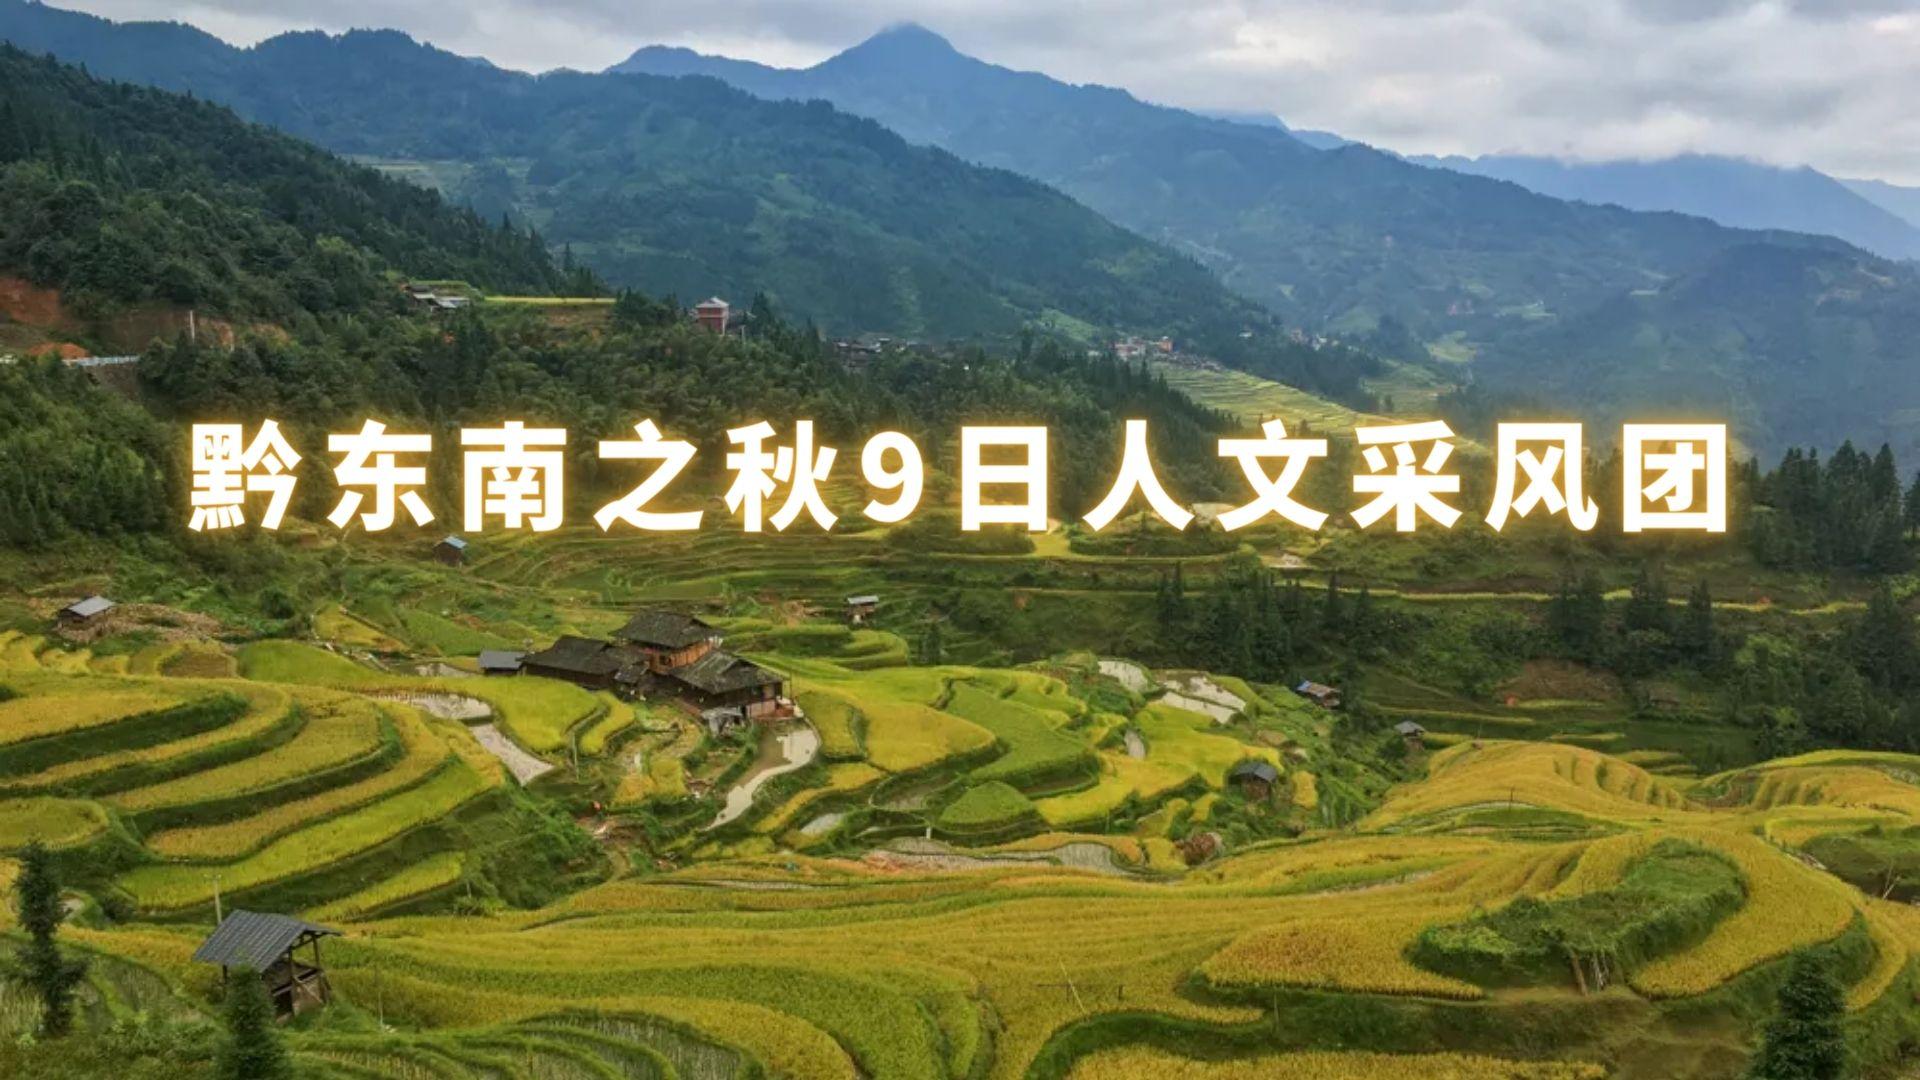 黔东南之秋9日人文采风团